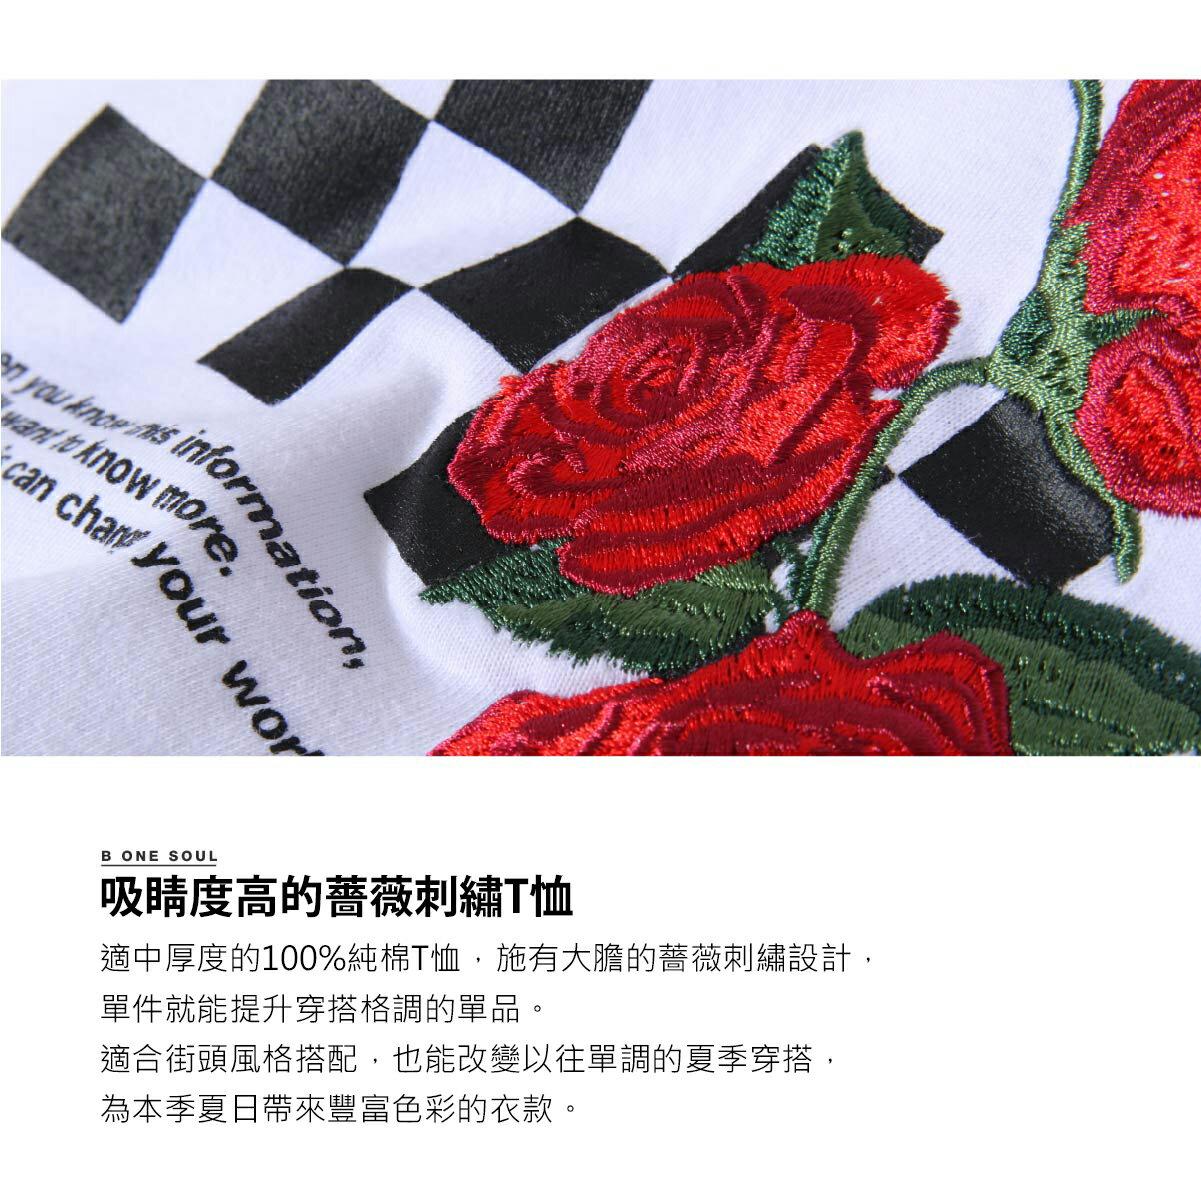 【New】ZIP 玫瑰刺繡短袖T恤 3